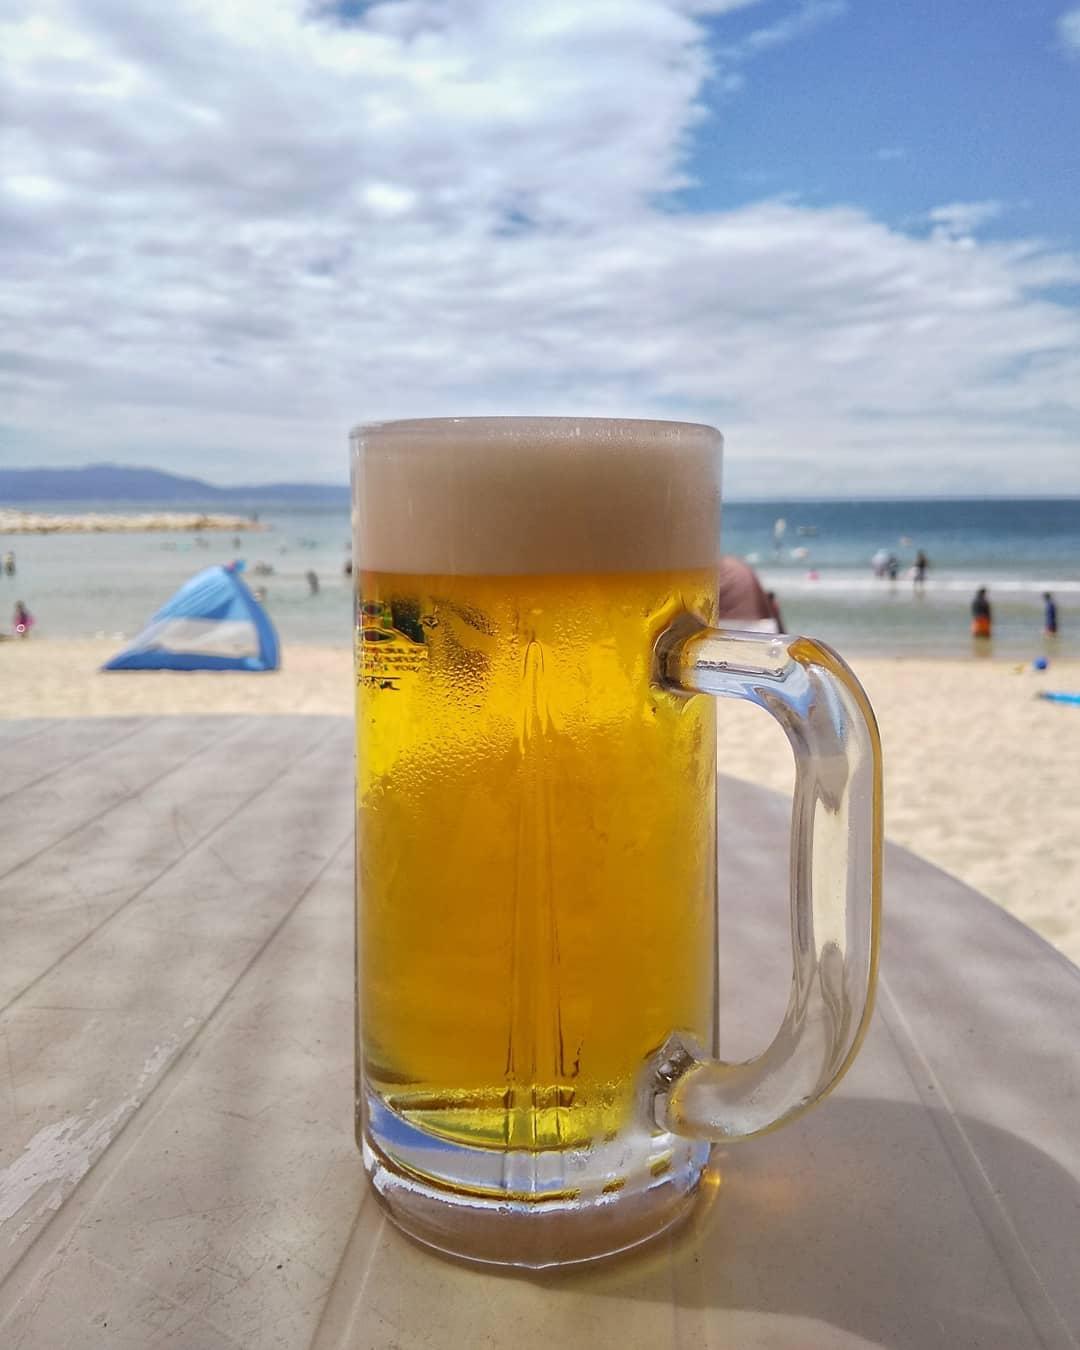 #林崎松江海岸 でお昼から1杯(3杯)